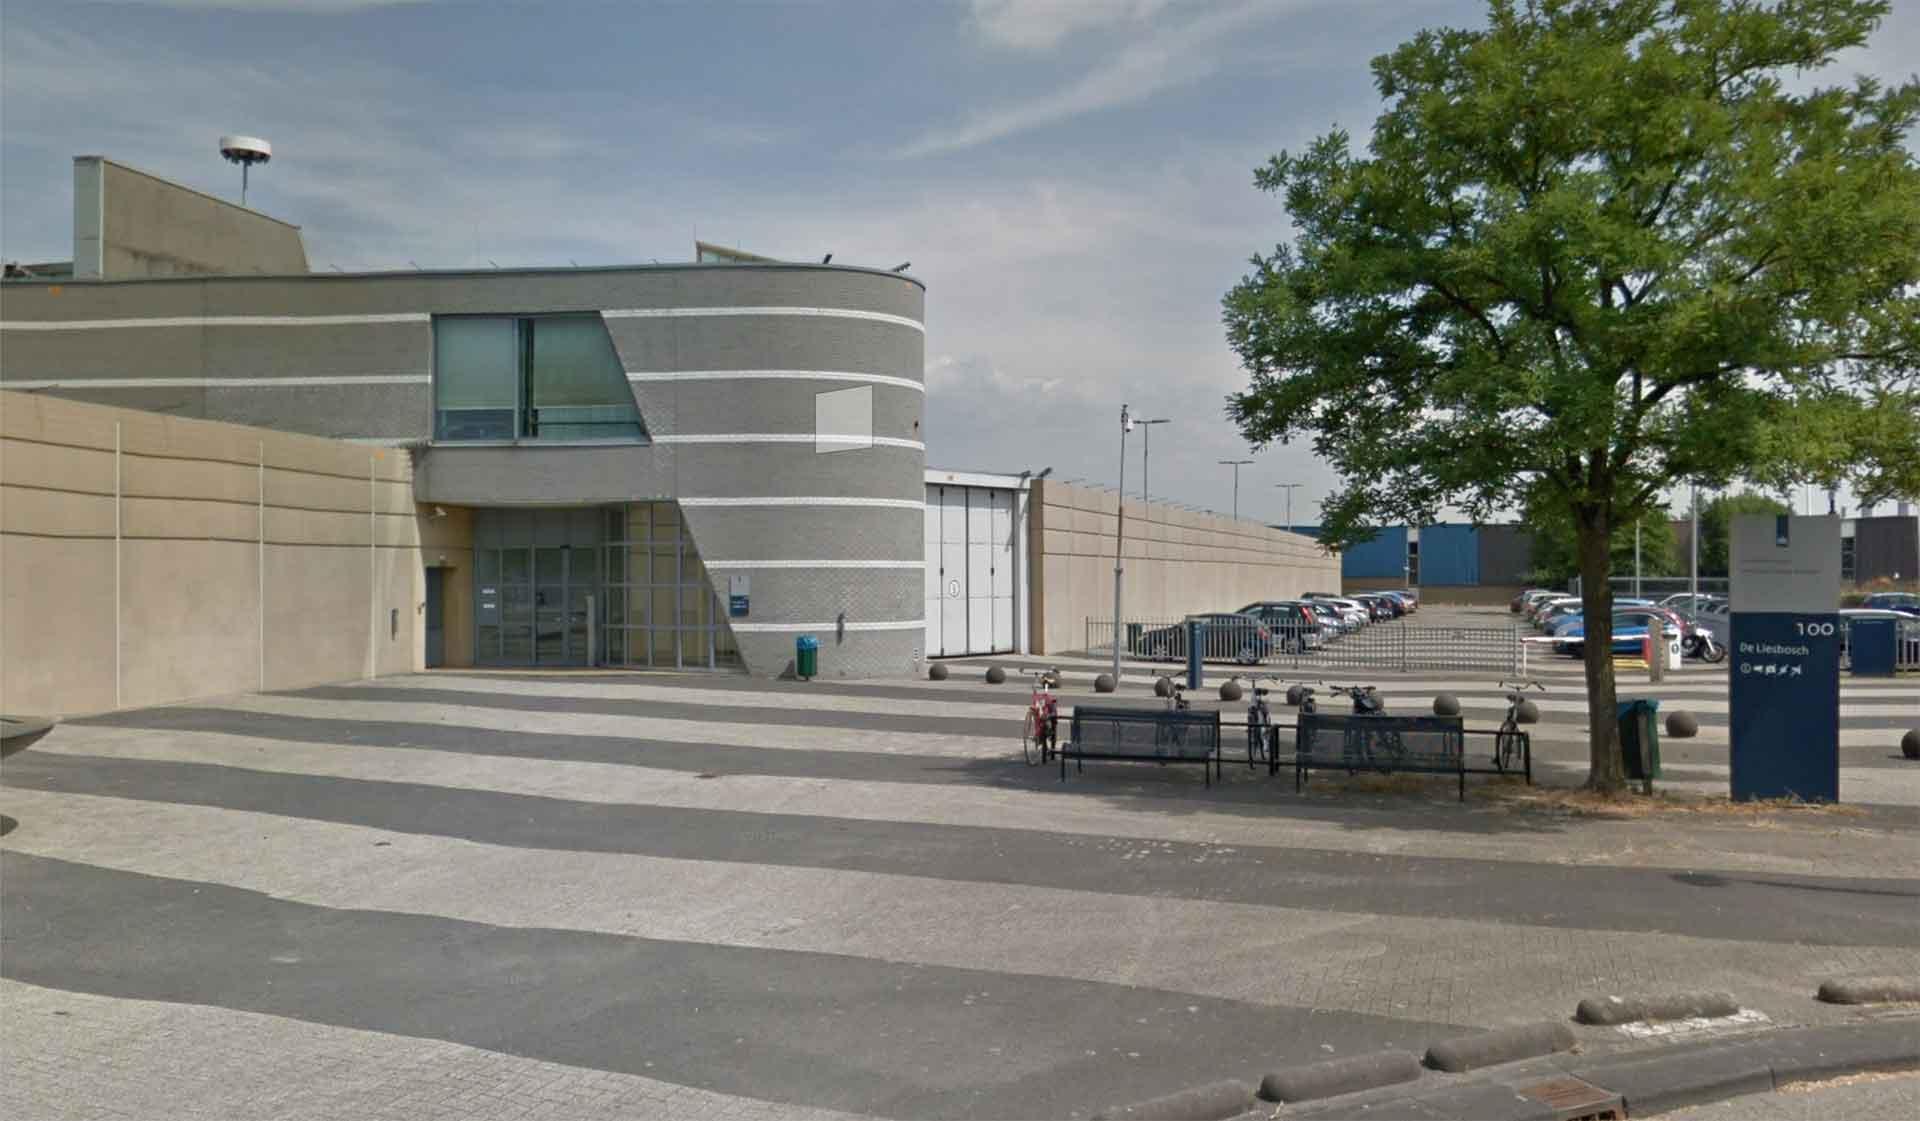 Penitentiaire Inrichting PI Nieuwegein - Weening Strafrechtadvocaten